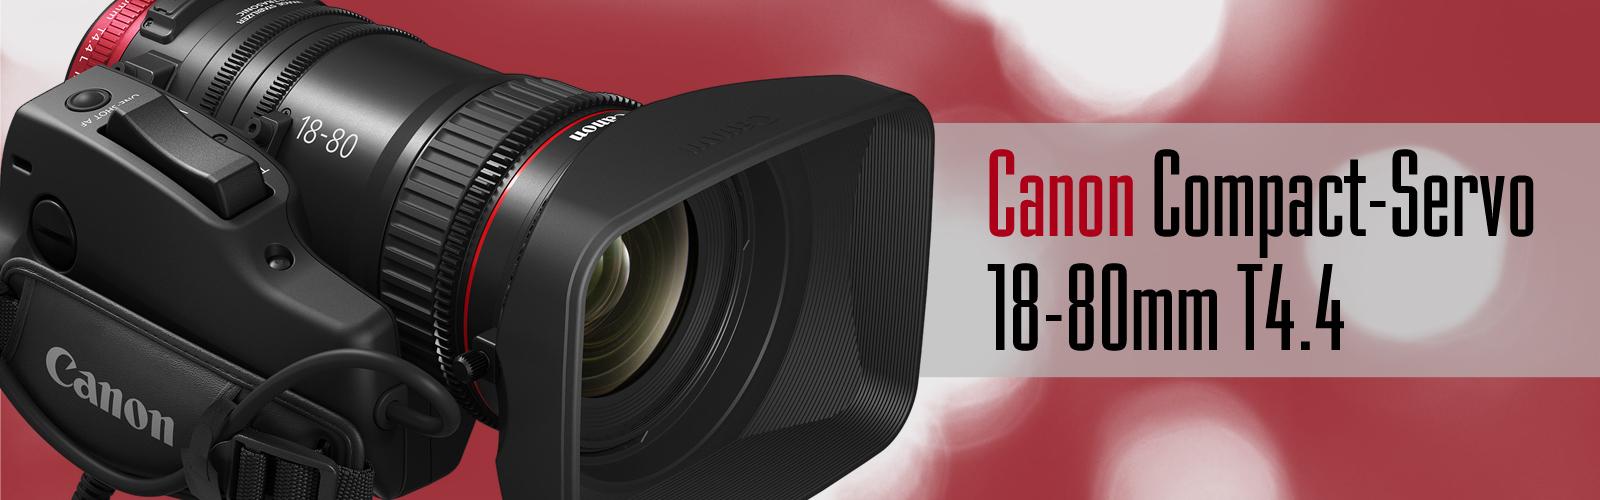 Canon Compact-Servo CN-E18-80mm T4.4